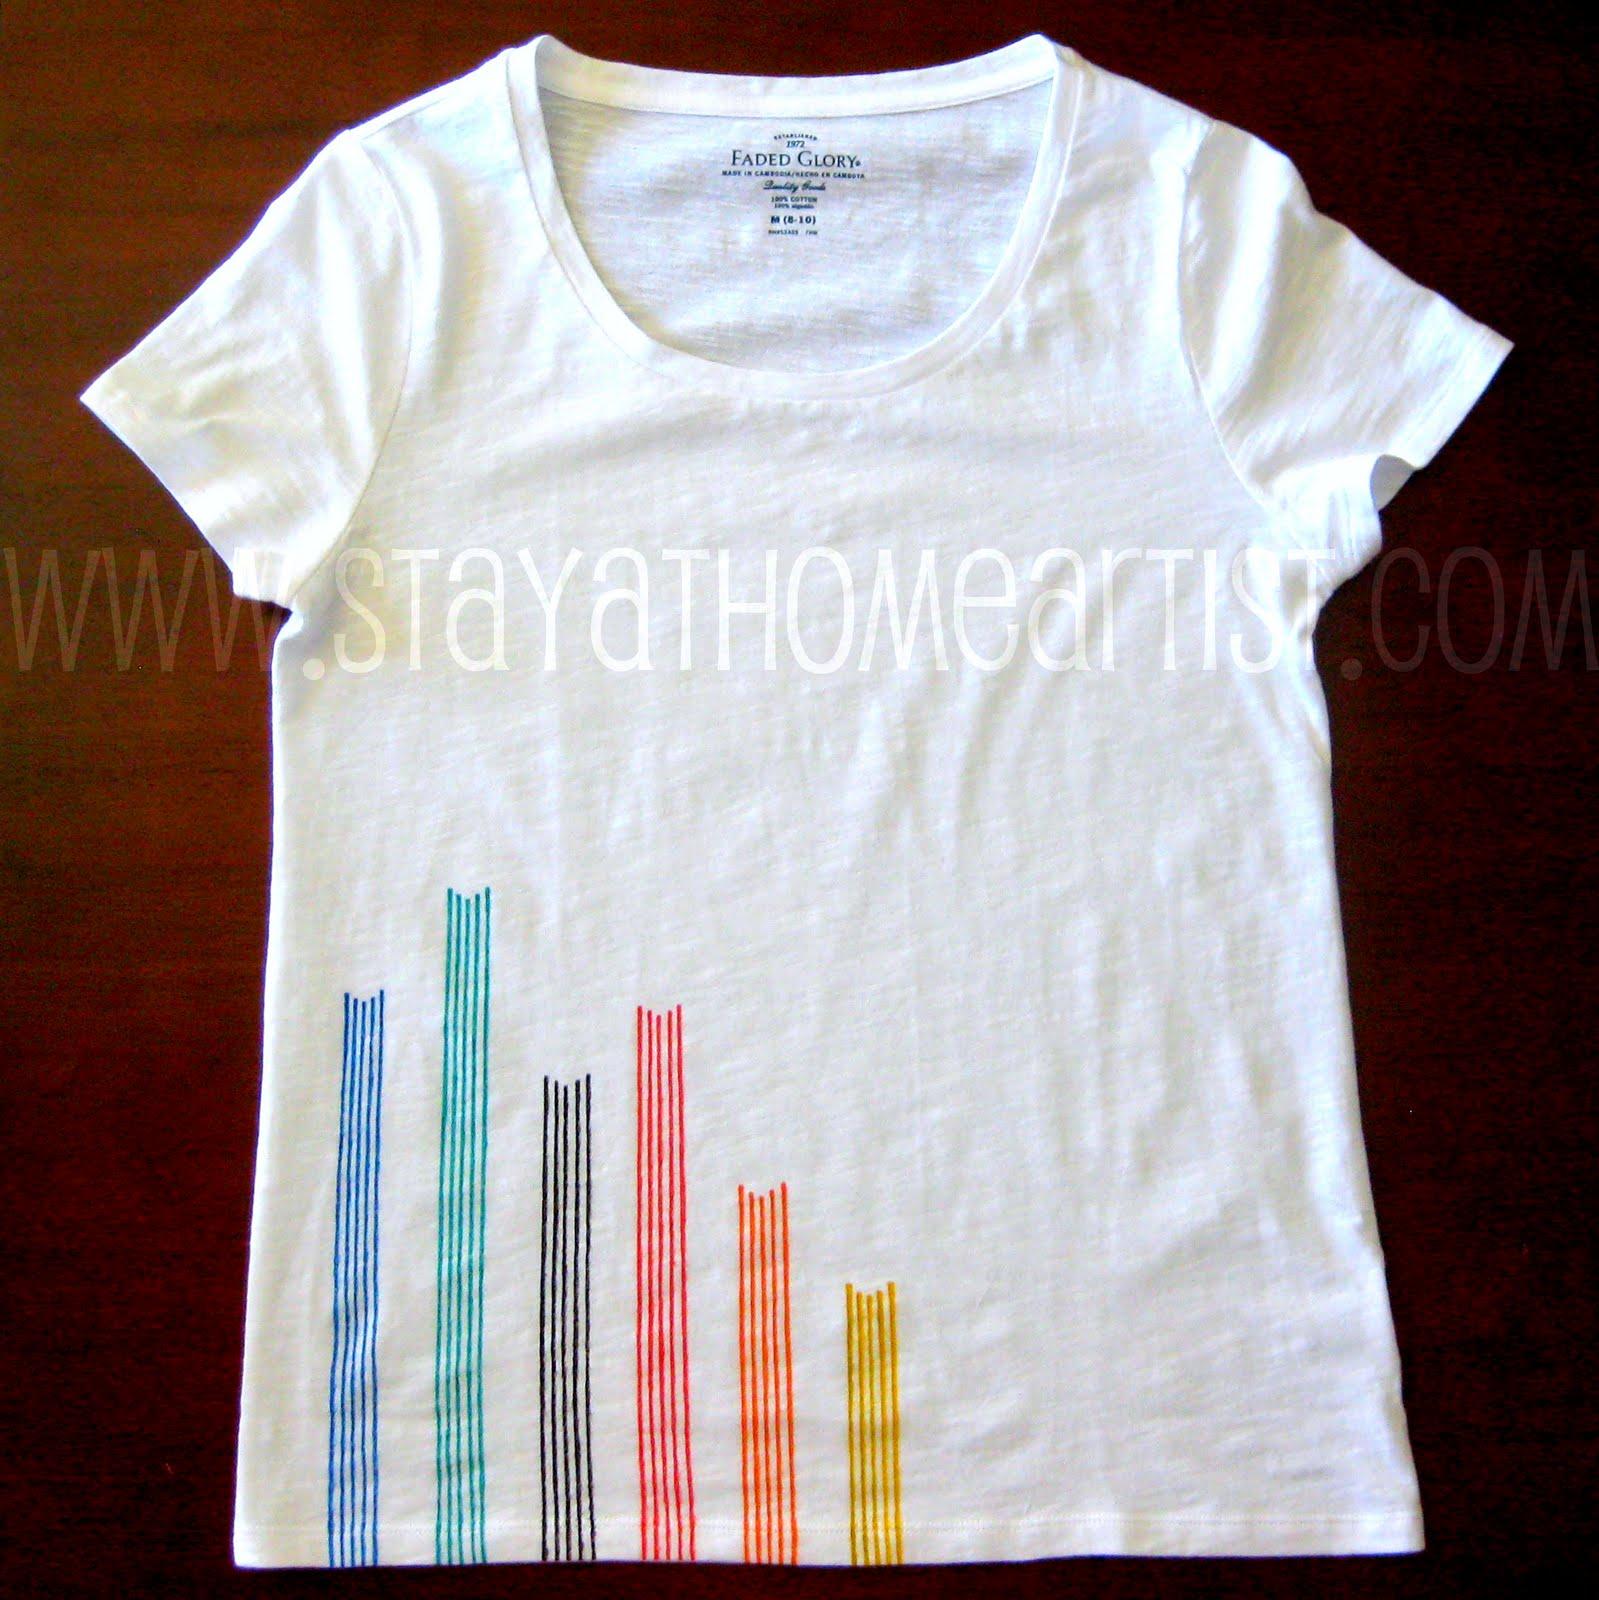 linear design t shirt. Black Bedroom Furniture Sets. Home Design Ideas